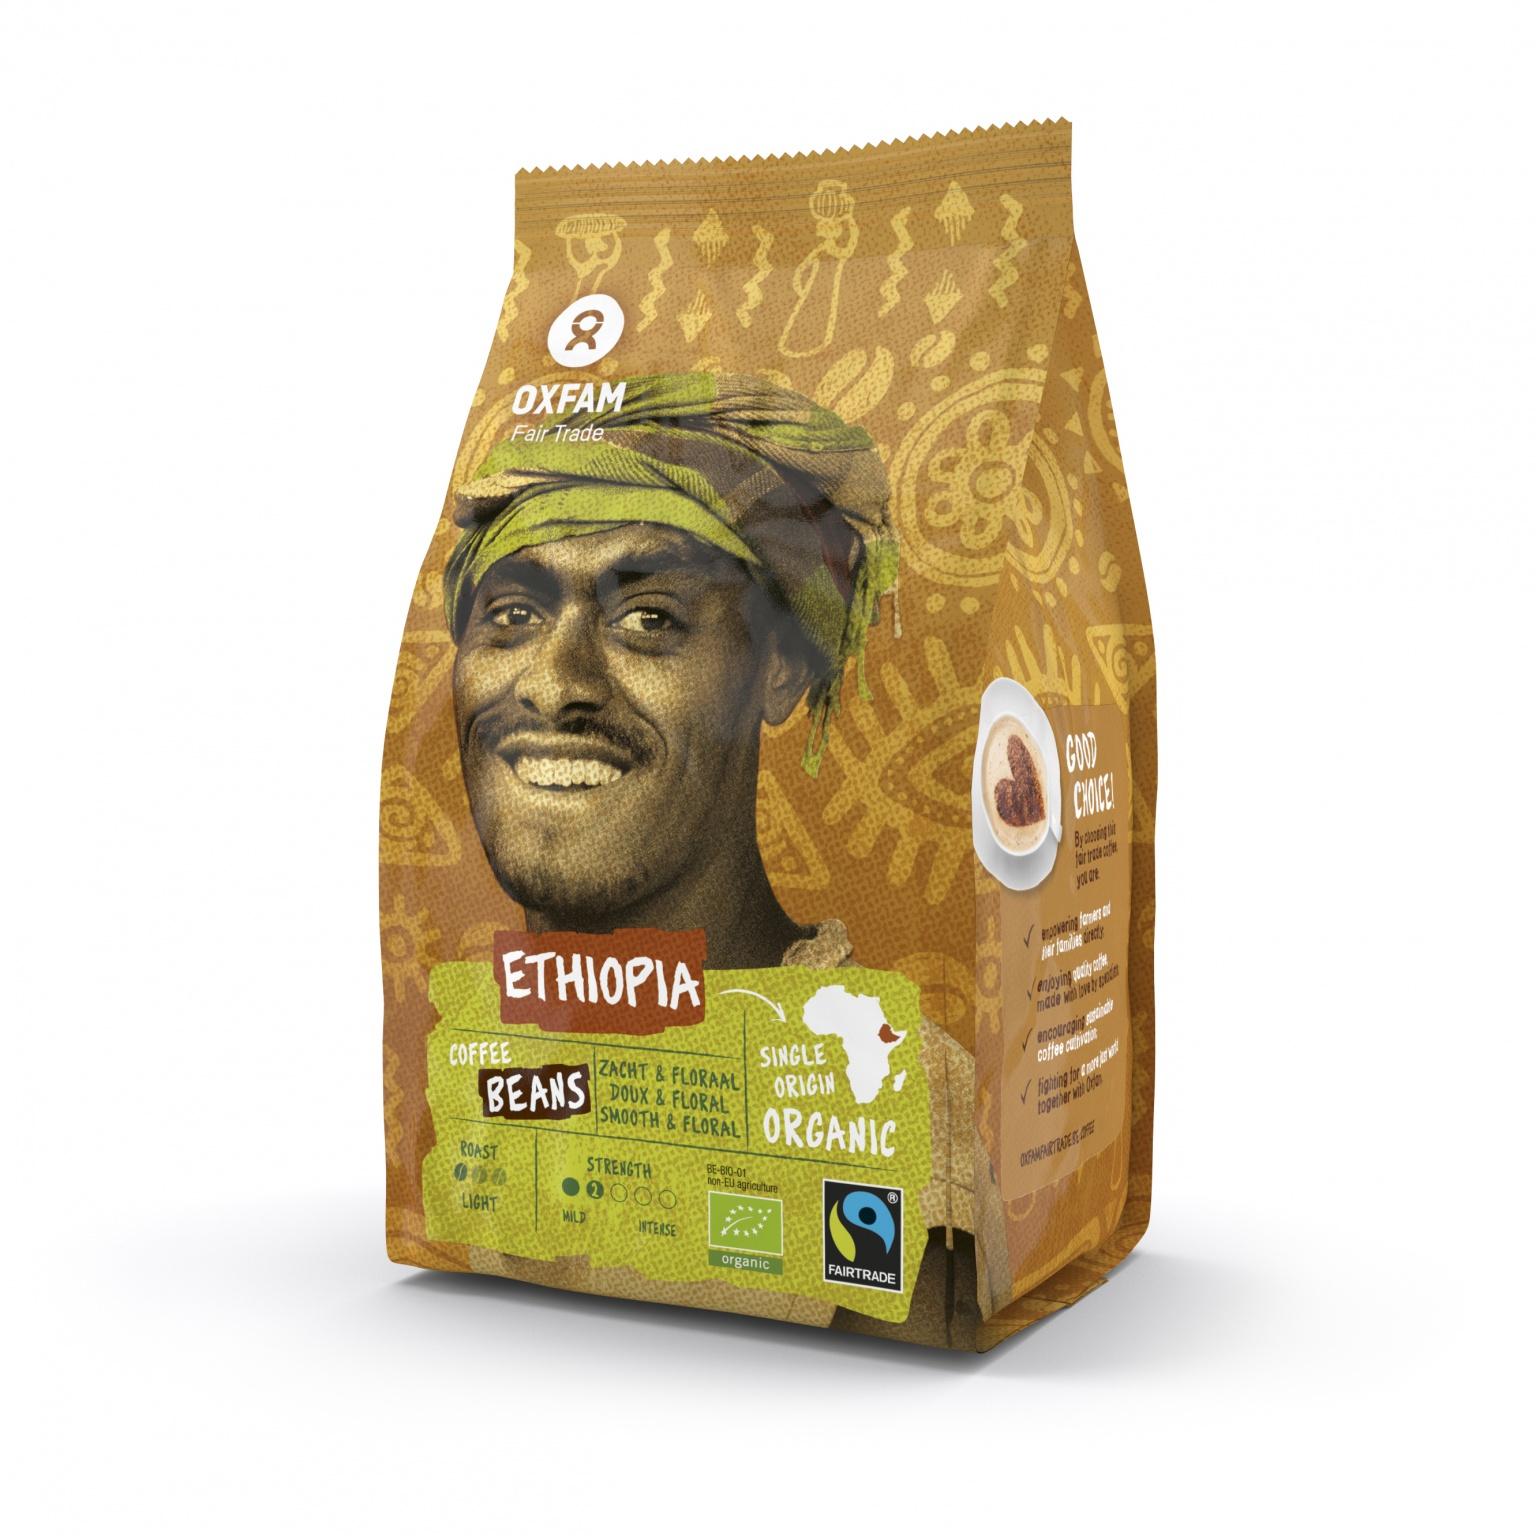 Oxfam Fair Trade 22206